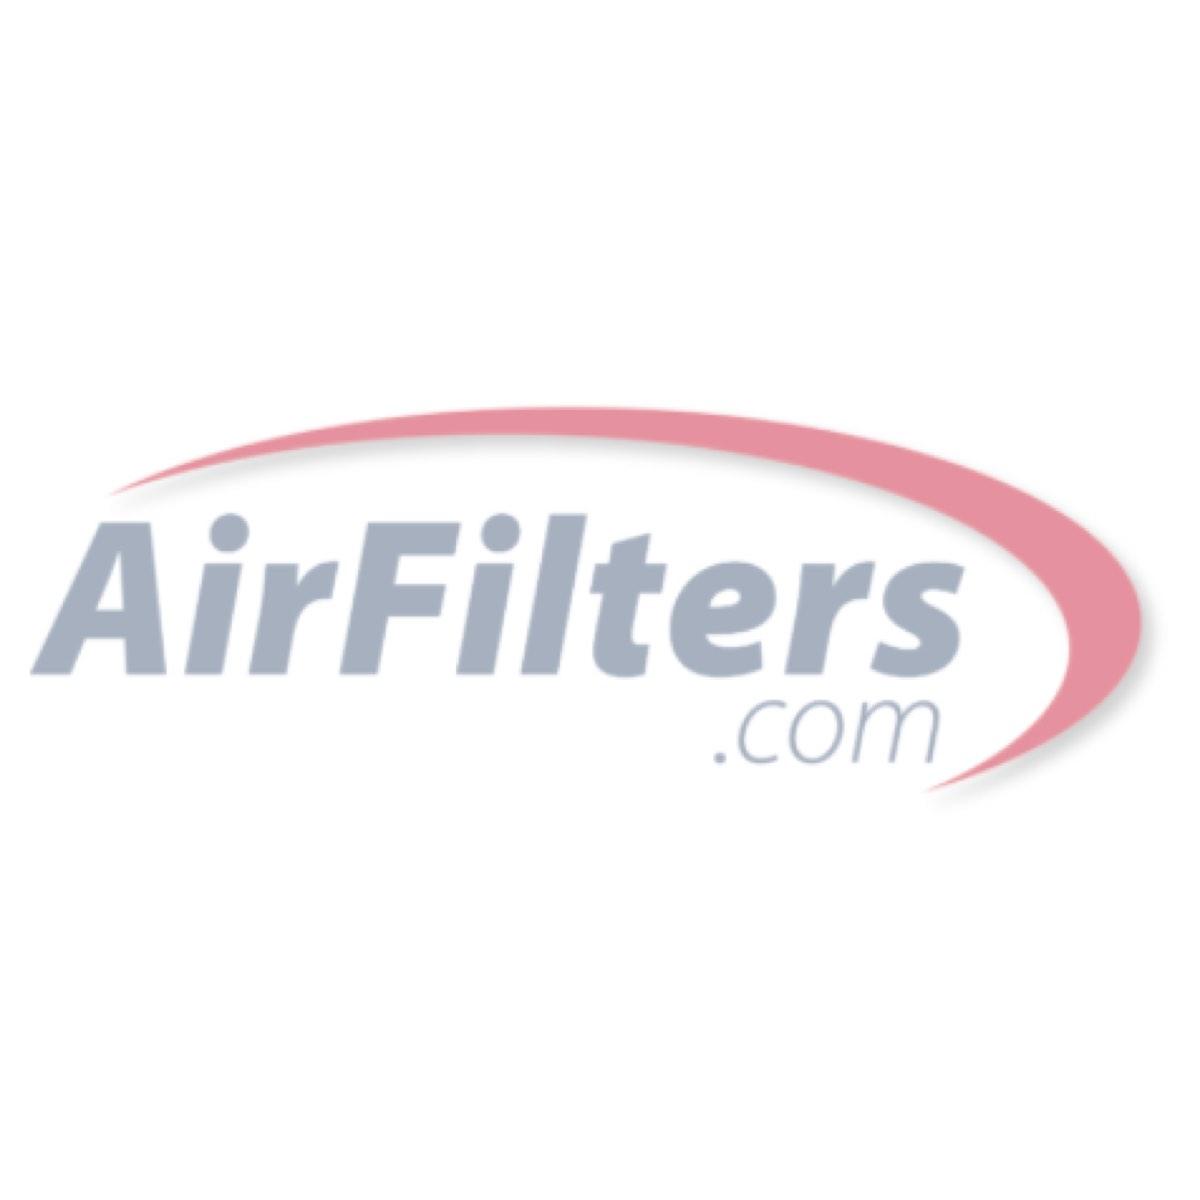 Accumulair Platinum MERV 11 Filters - 1/2 Inch